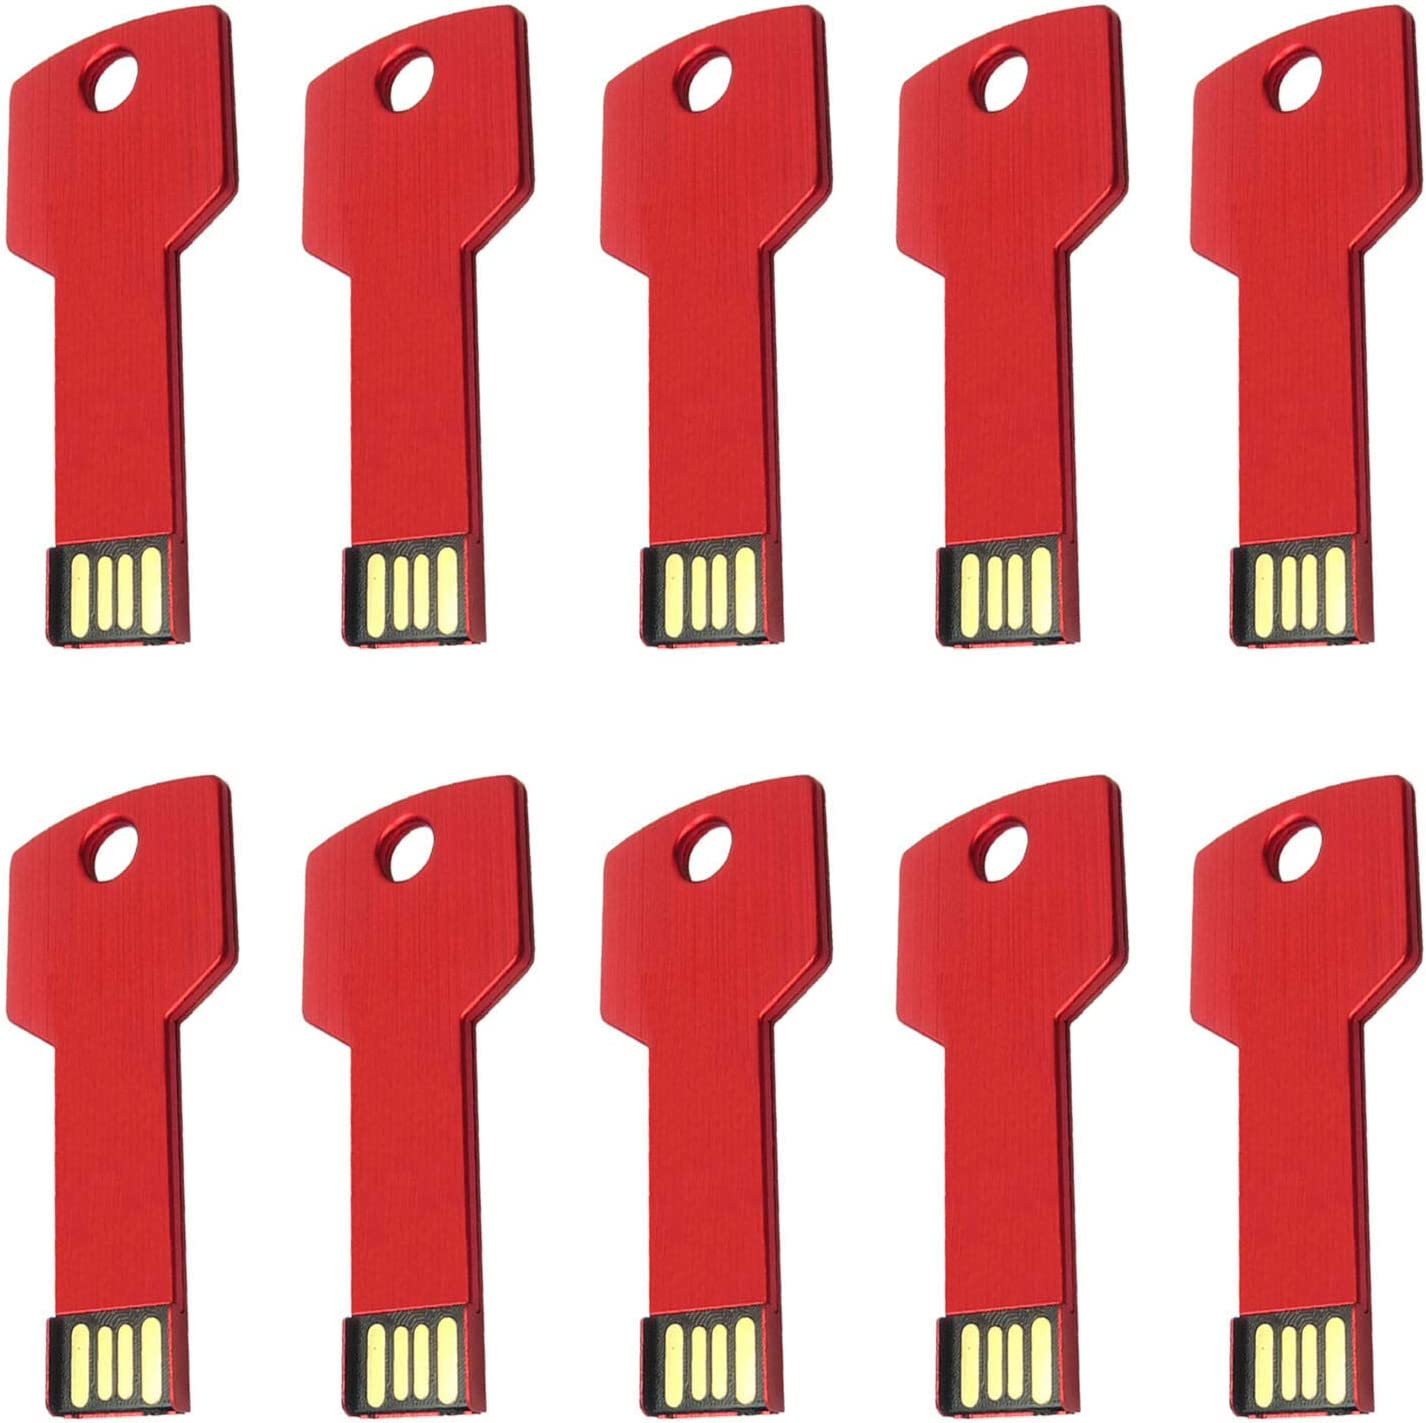 Lot 10 USB Flash Drive 2GB Memory Pen Stick Wholesale Key Shape Bulk Pack (2GB, Red)